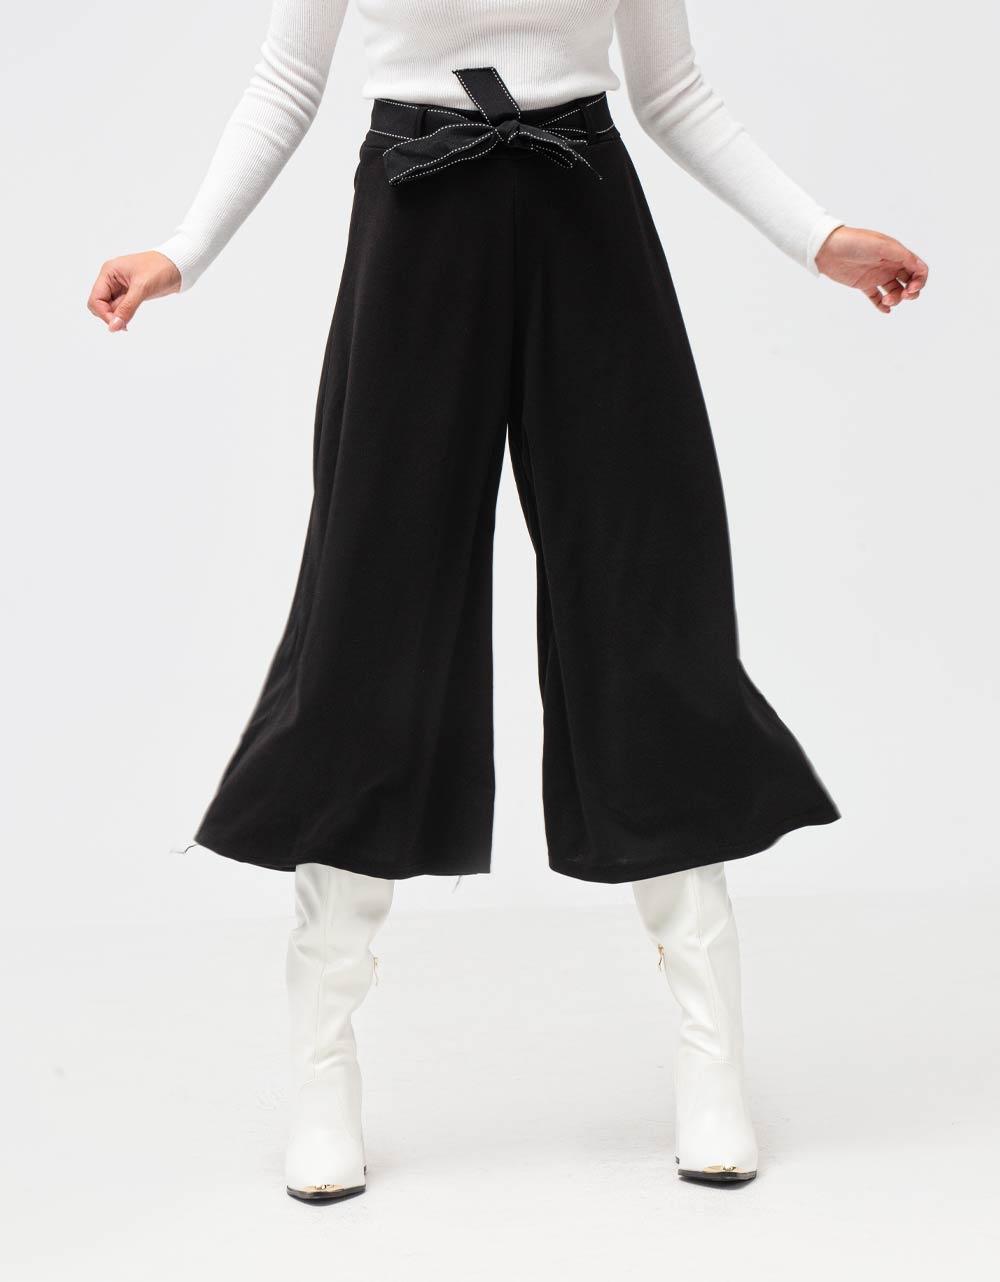 Εικόνα από Γυναικείο παντελόνι zip culottes με ζώνη Μαύρο